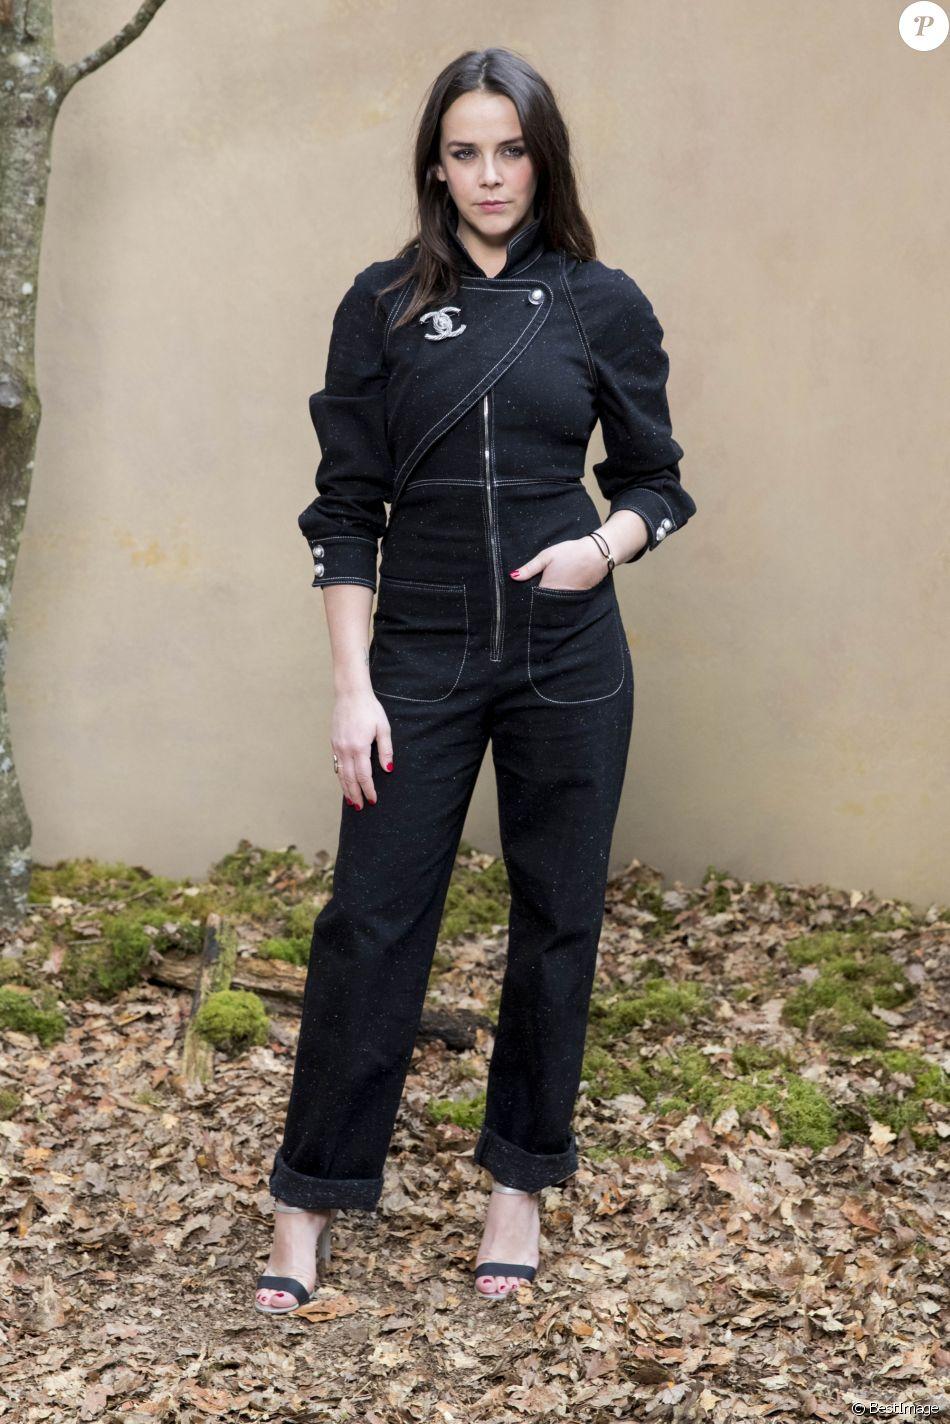 39a6a5c379071 Pauline Ducruet - Défilé de mode automne-hiver 2018 2019  quot Chanel quot